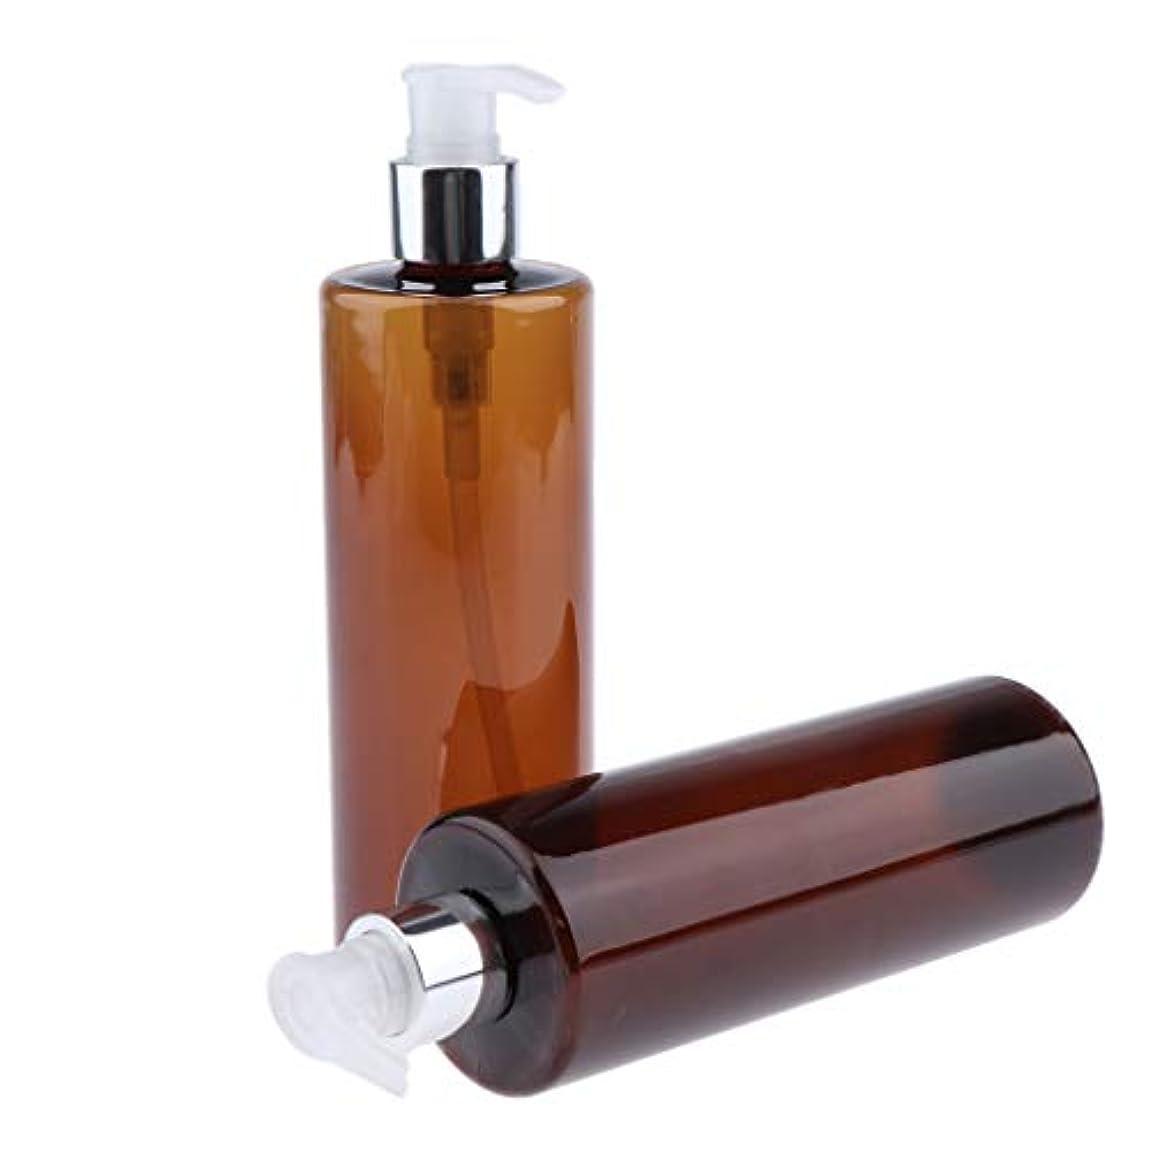 豆腐ショップ間欠Perfeclan ディスペンサー ボトル 350ミリリットル ポンプボトル 詰め替え式 コンテナ 3色選べ - 褐色